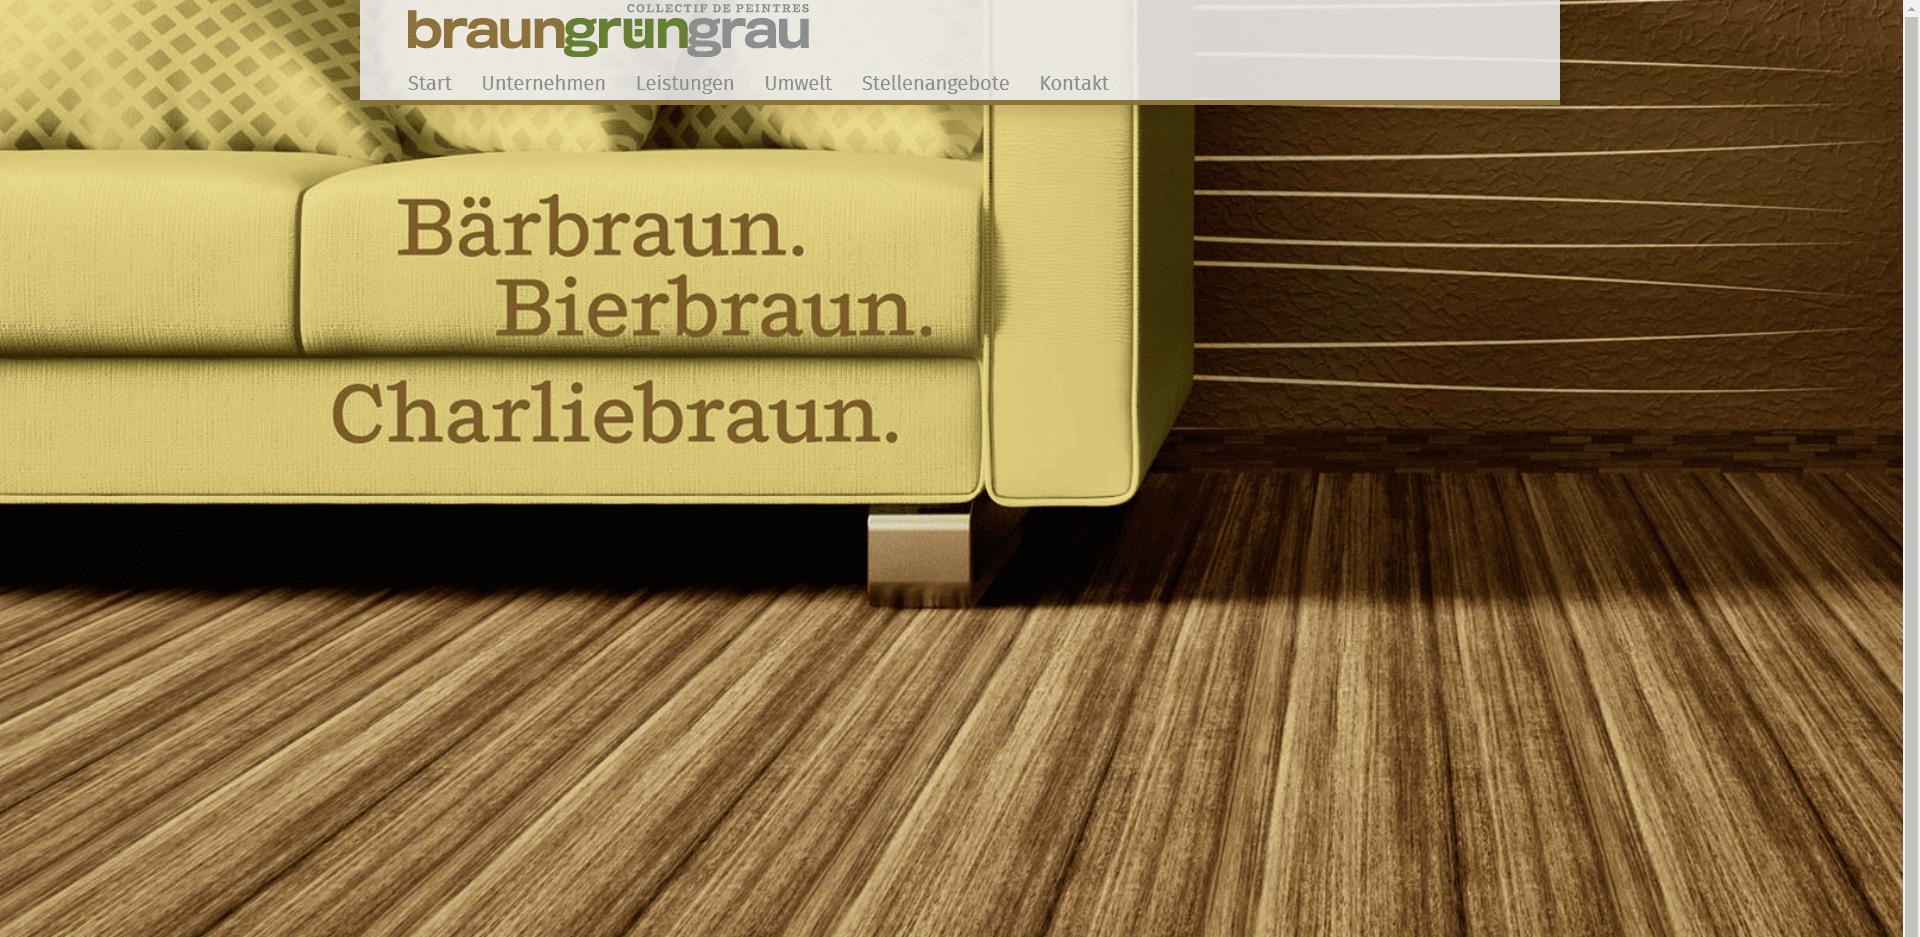 Malereibetrieb – Texte für Web